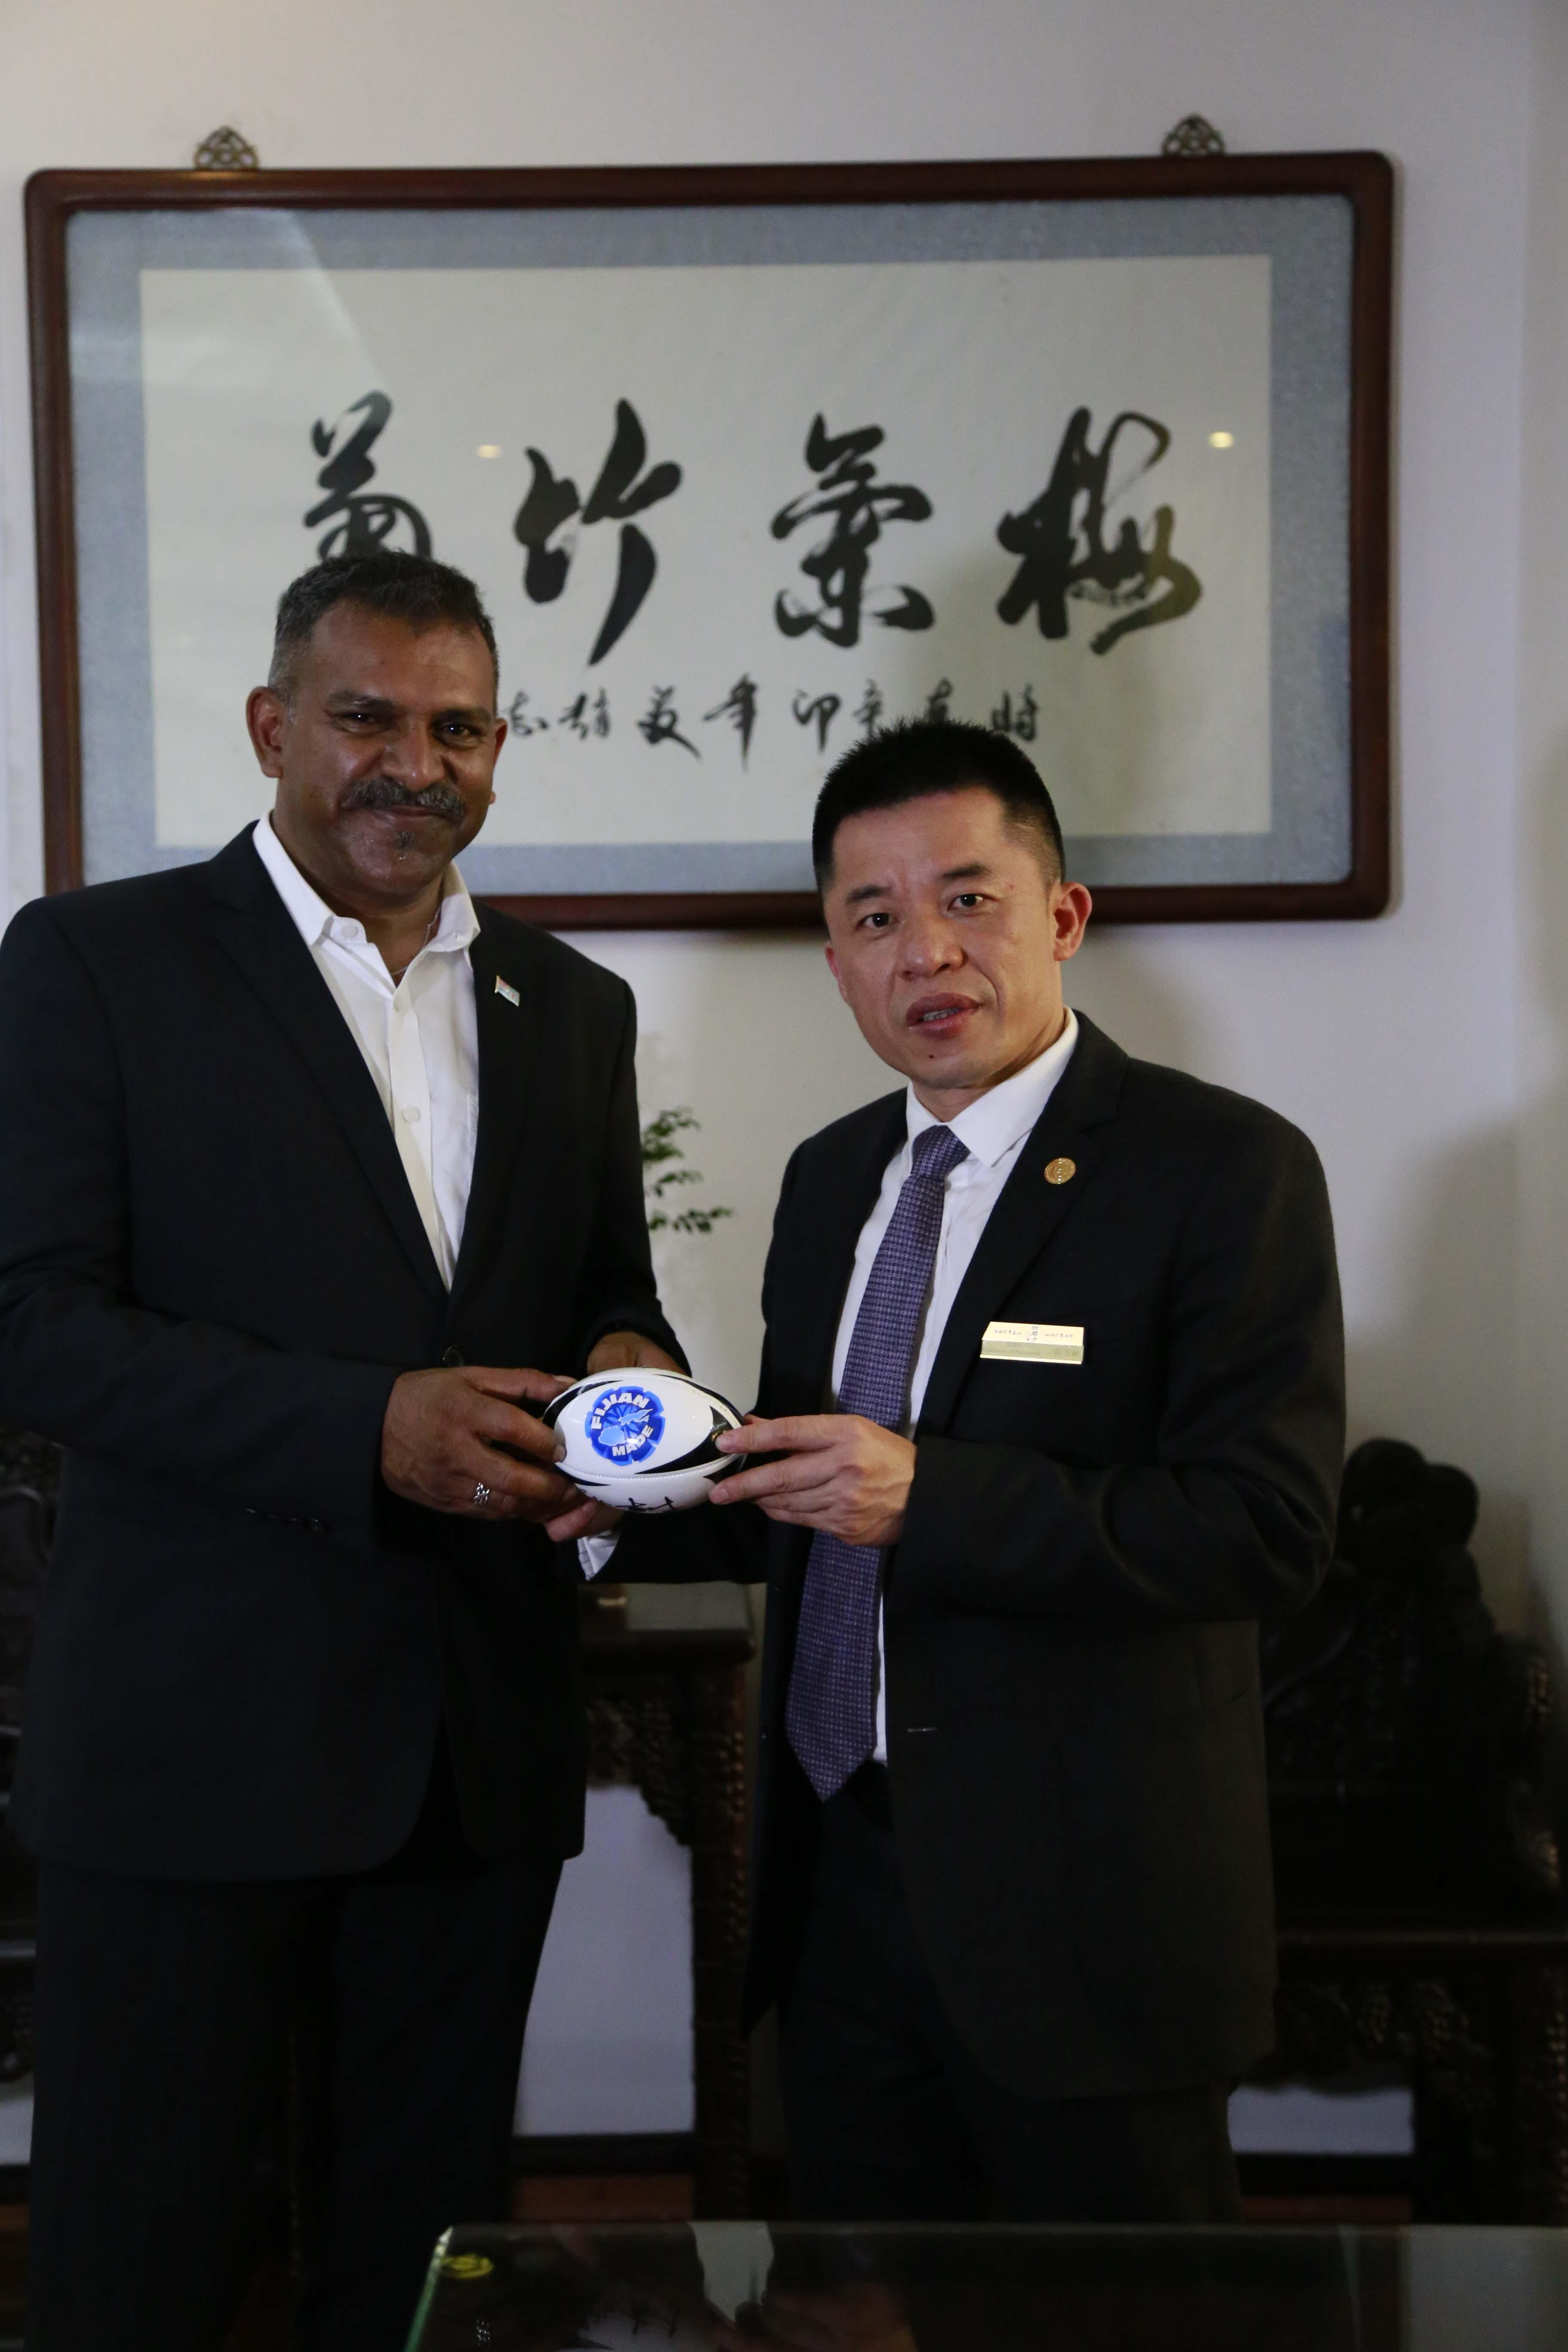 法亚兹·科亚先生和陈玉树先生共同在橄榄球上签名共证友谊天长地久